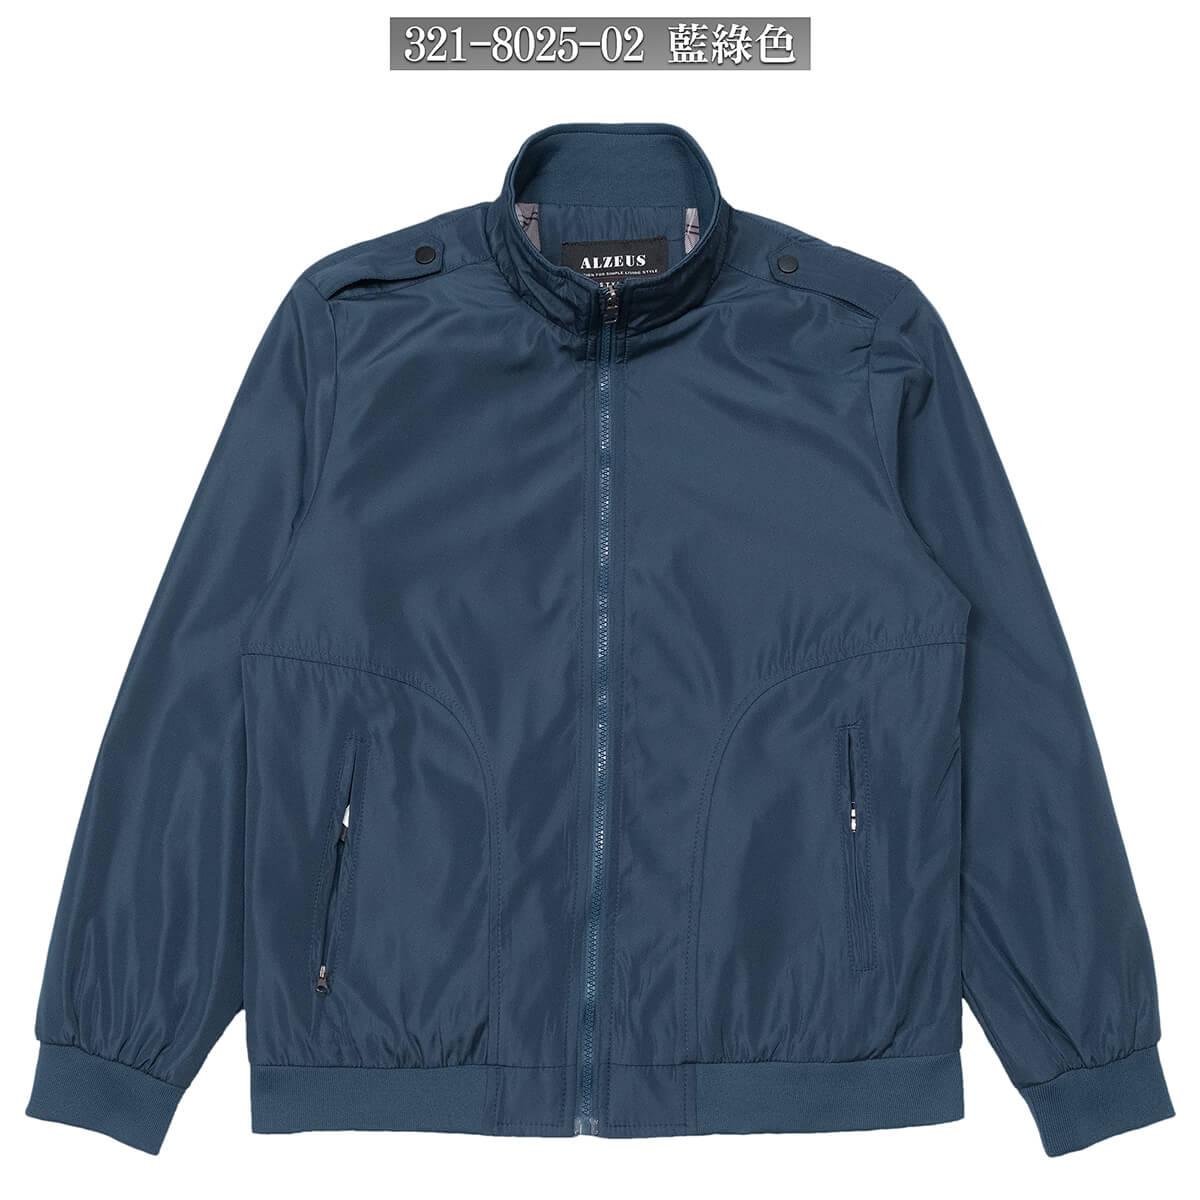 軍裝外套 修身夾克外套 立領素面外套 鈕扣肩章外套 格紋內裡薄外套 防風外套 潮流時尚休閒外套 風衣外套 黑色外套 Military Jacket Men's Jackets Windproof Jackets Button-up Epaulets (321-8025-01)咖啡色、(321-8025-02)藍綠色(321-8025-04)黑色  L XL 2L 3L 4L (胸圍109~124公分  43~49英吋) 男 [實體店面保障] sun-e 1